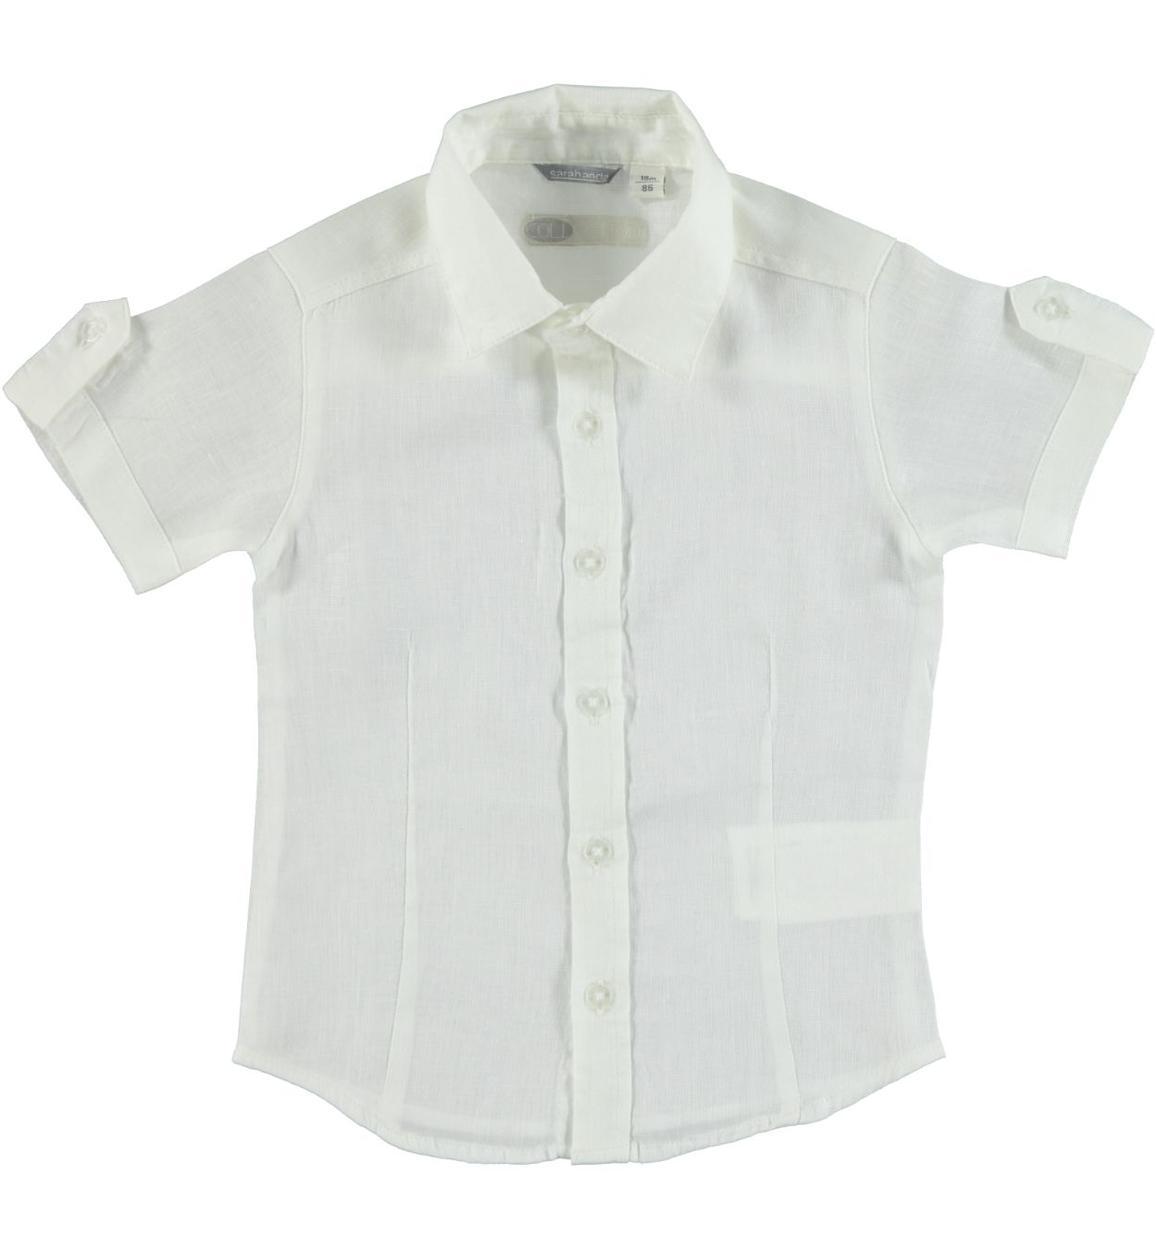 negozio online cd038 fa539 Camicia a manica corta 100% lino per bambino da 6 mesi a 7 anni Sarabanda